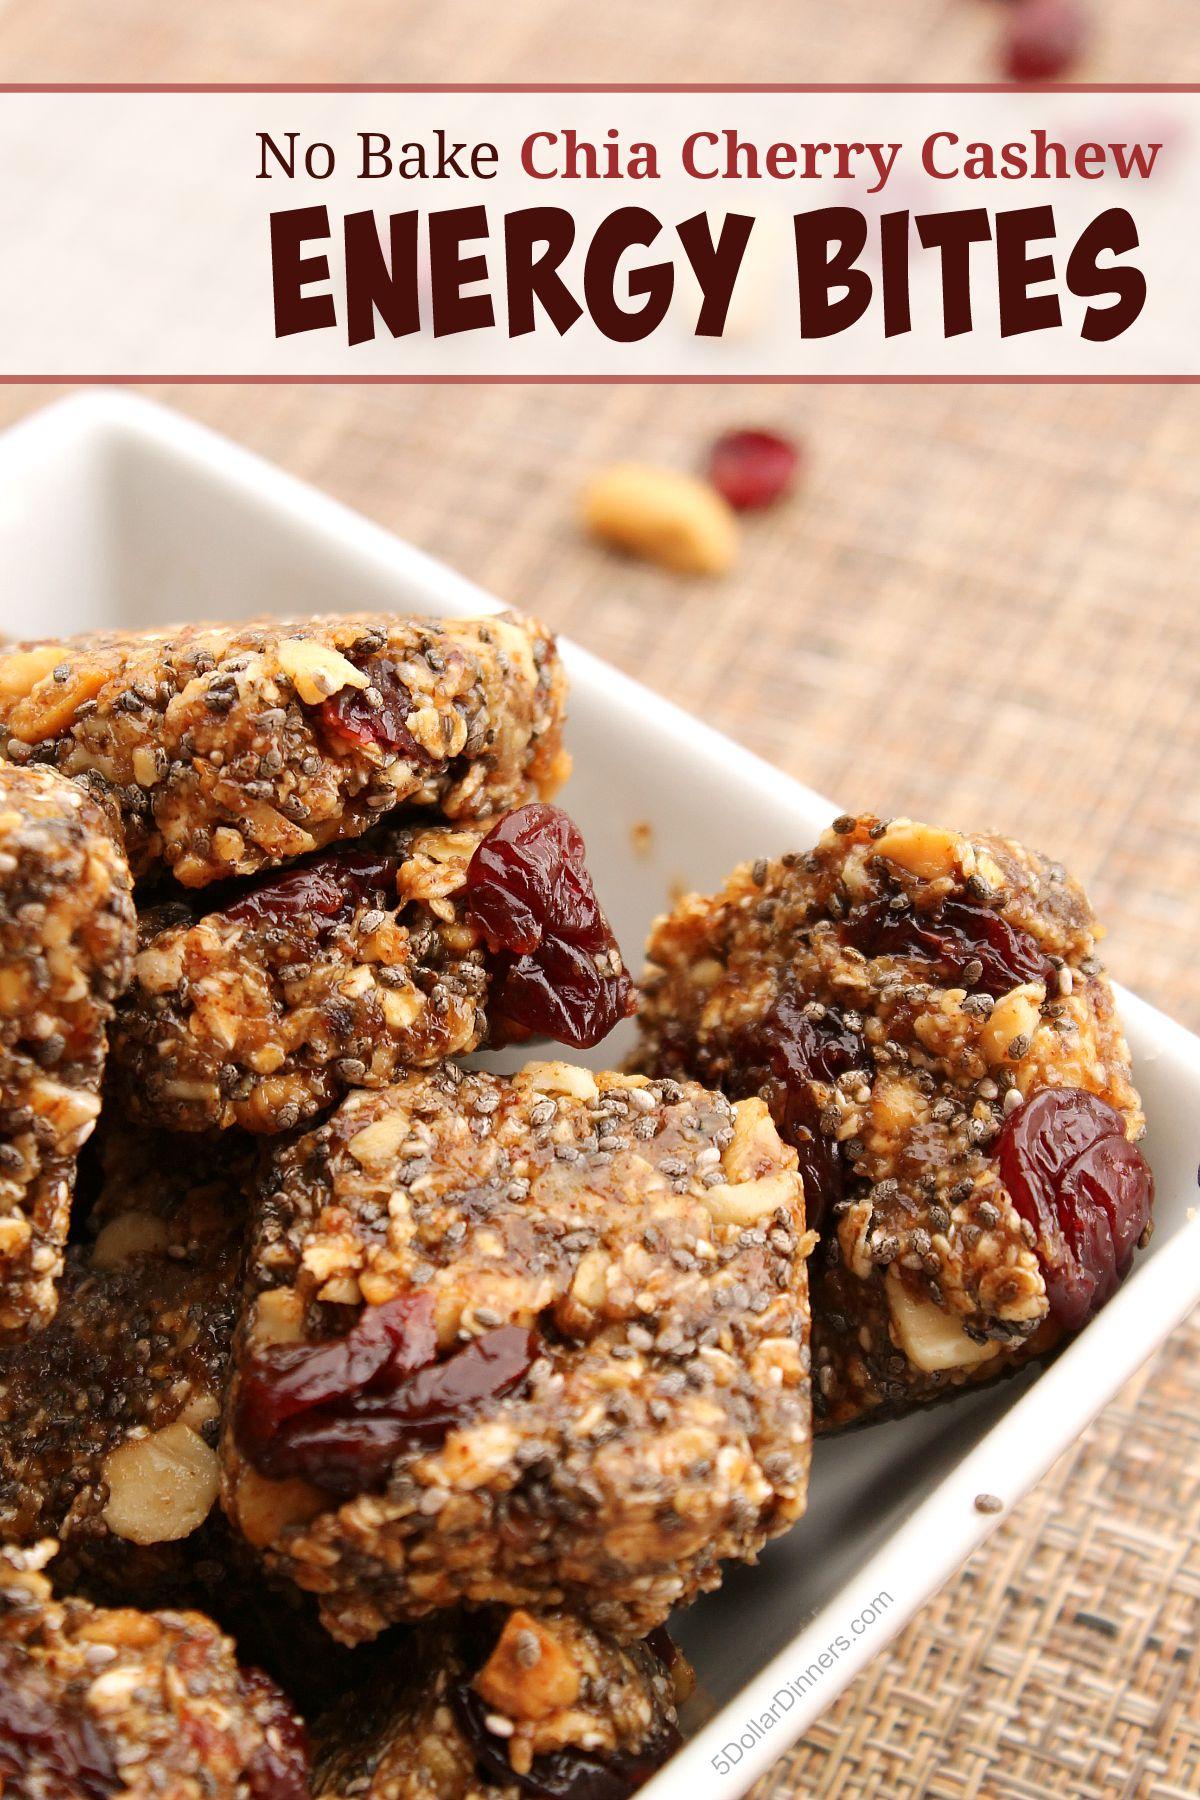 No Bake Chia Cherry Cashew Energy Bites from 5DollarDinners.com